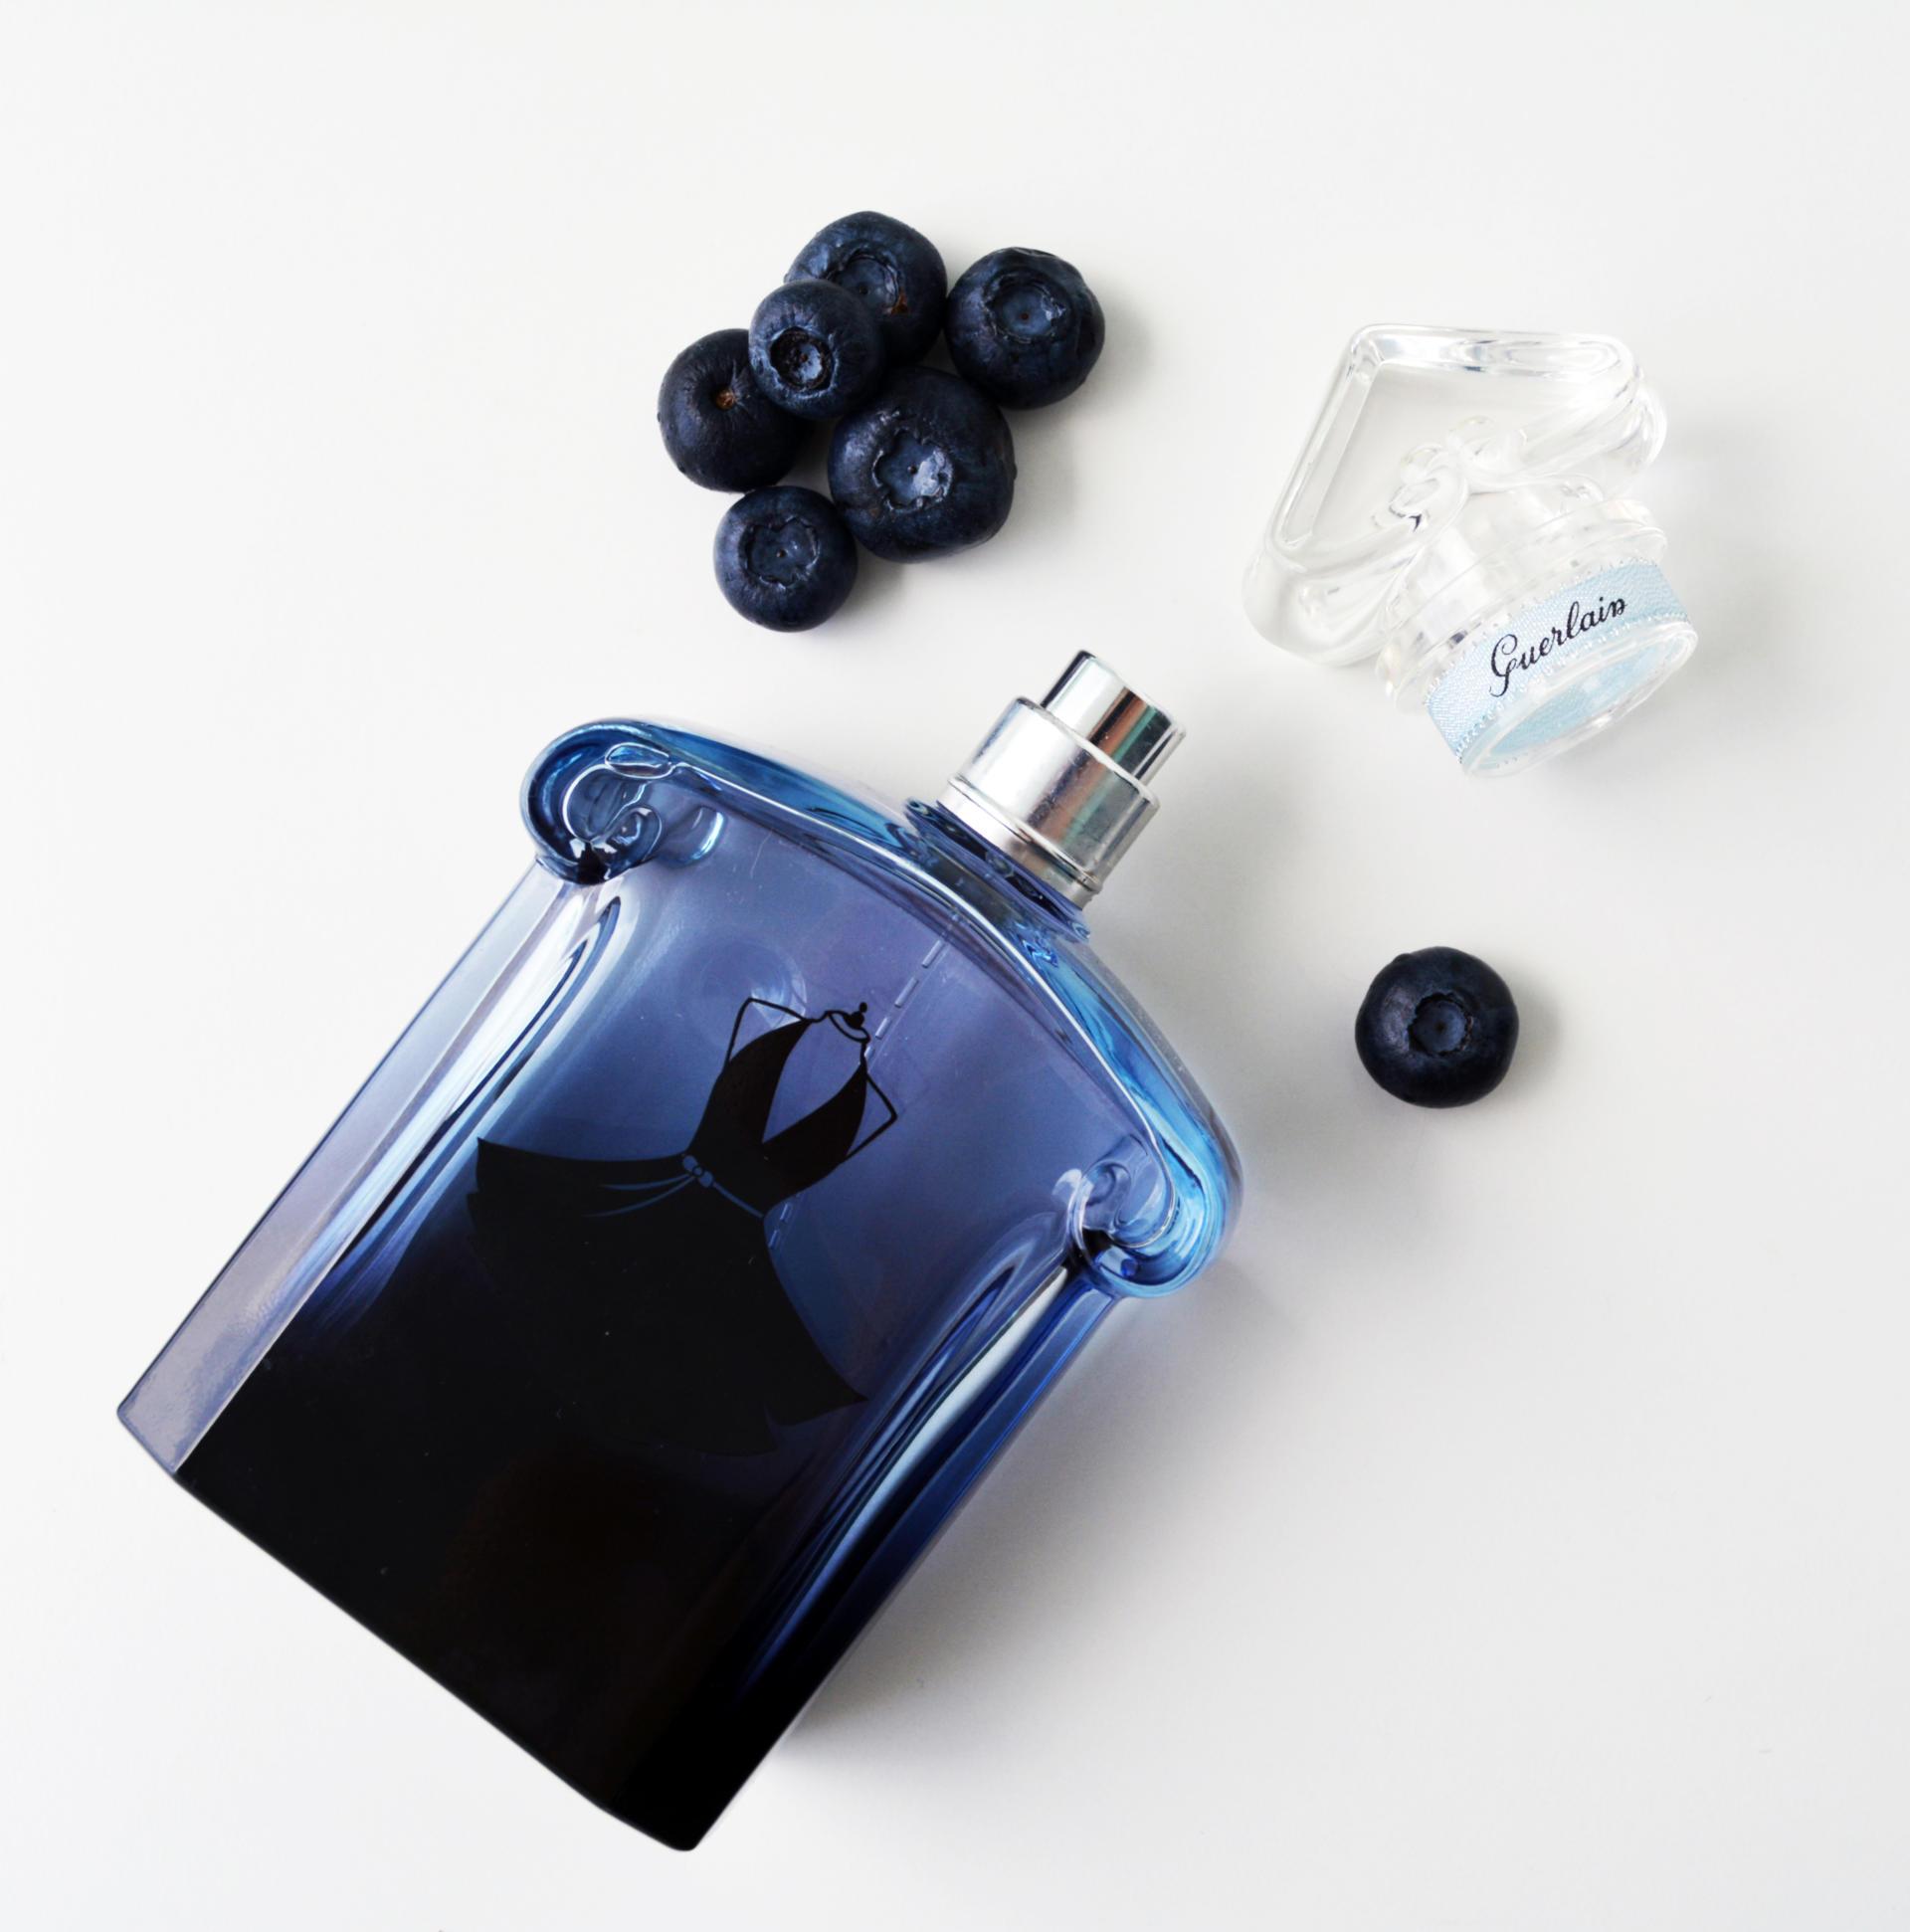 Guerlain le petite robe noire intense review